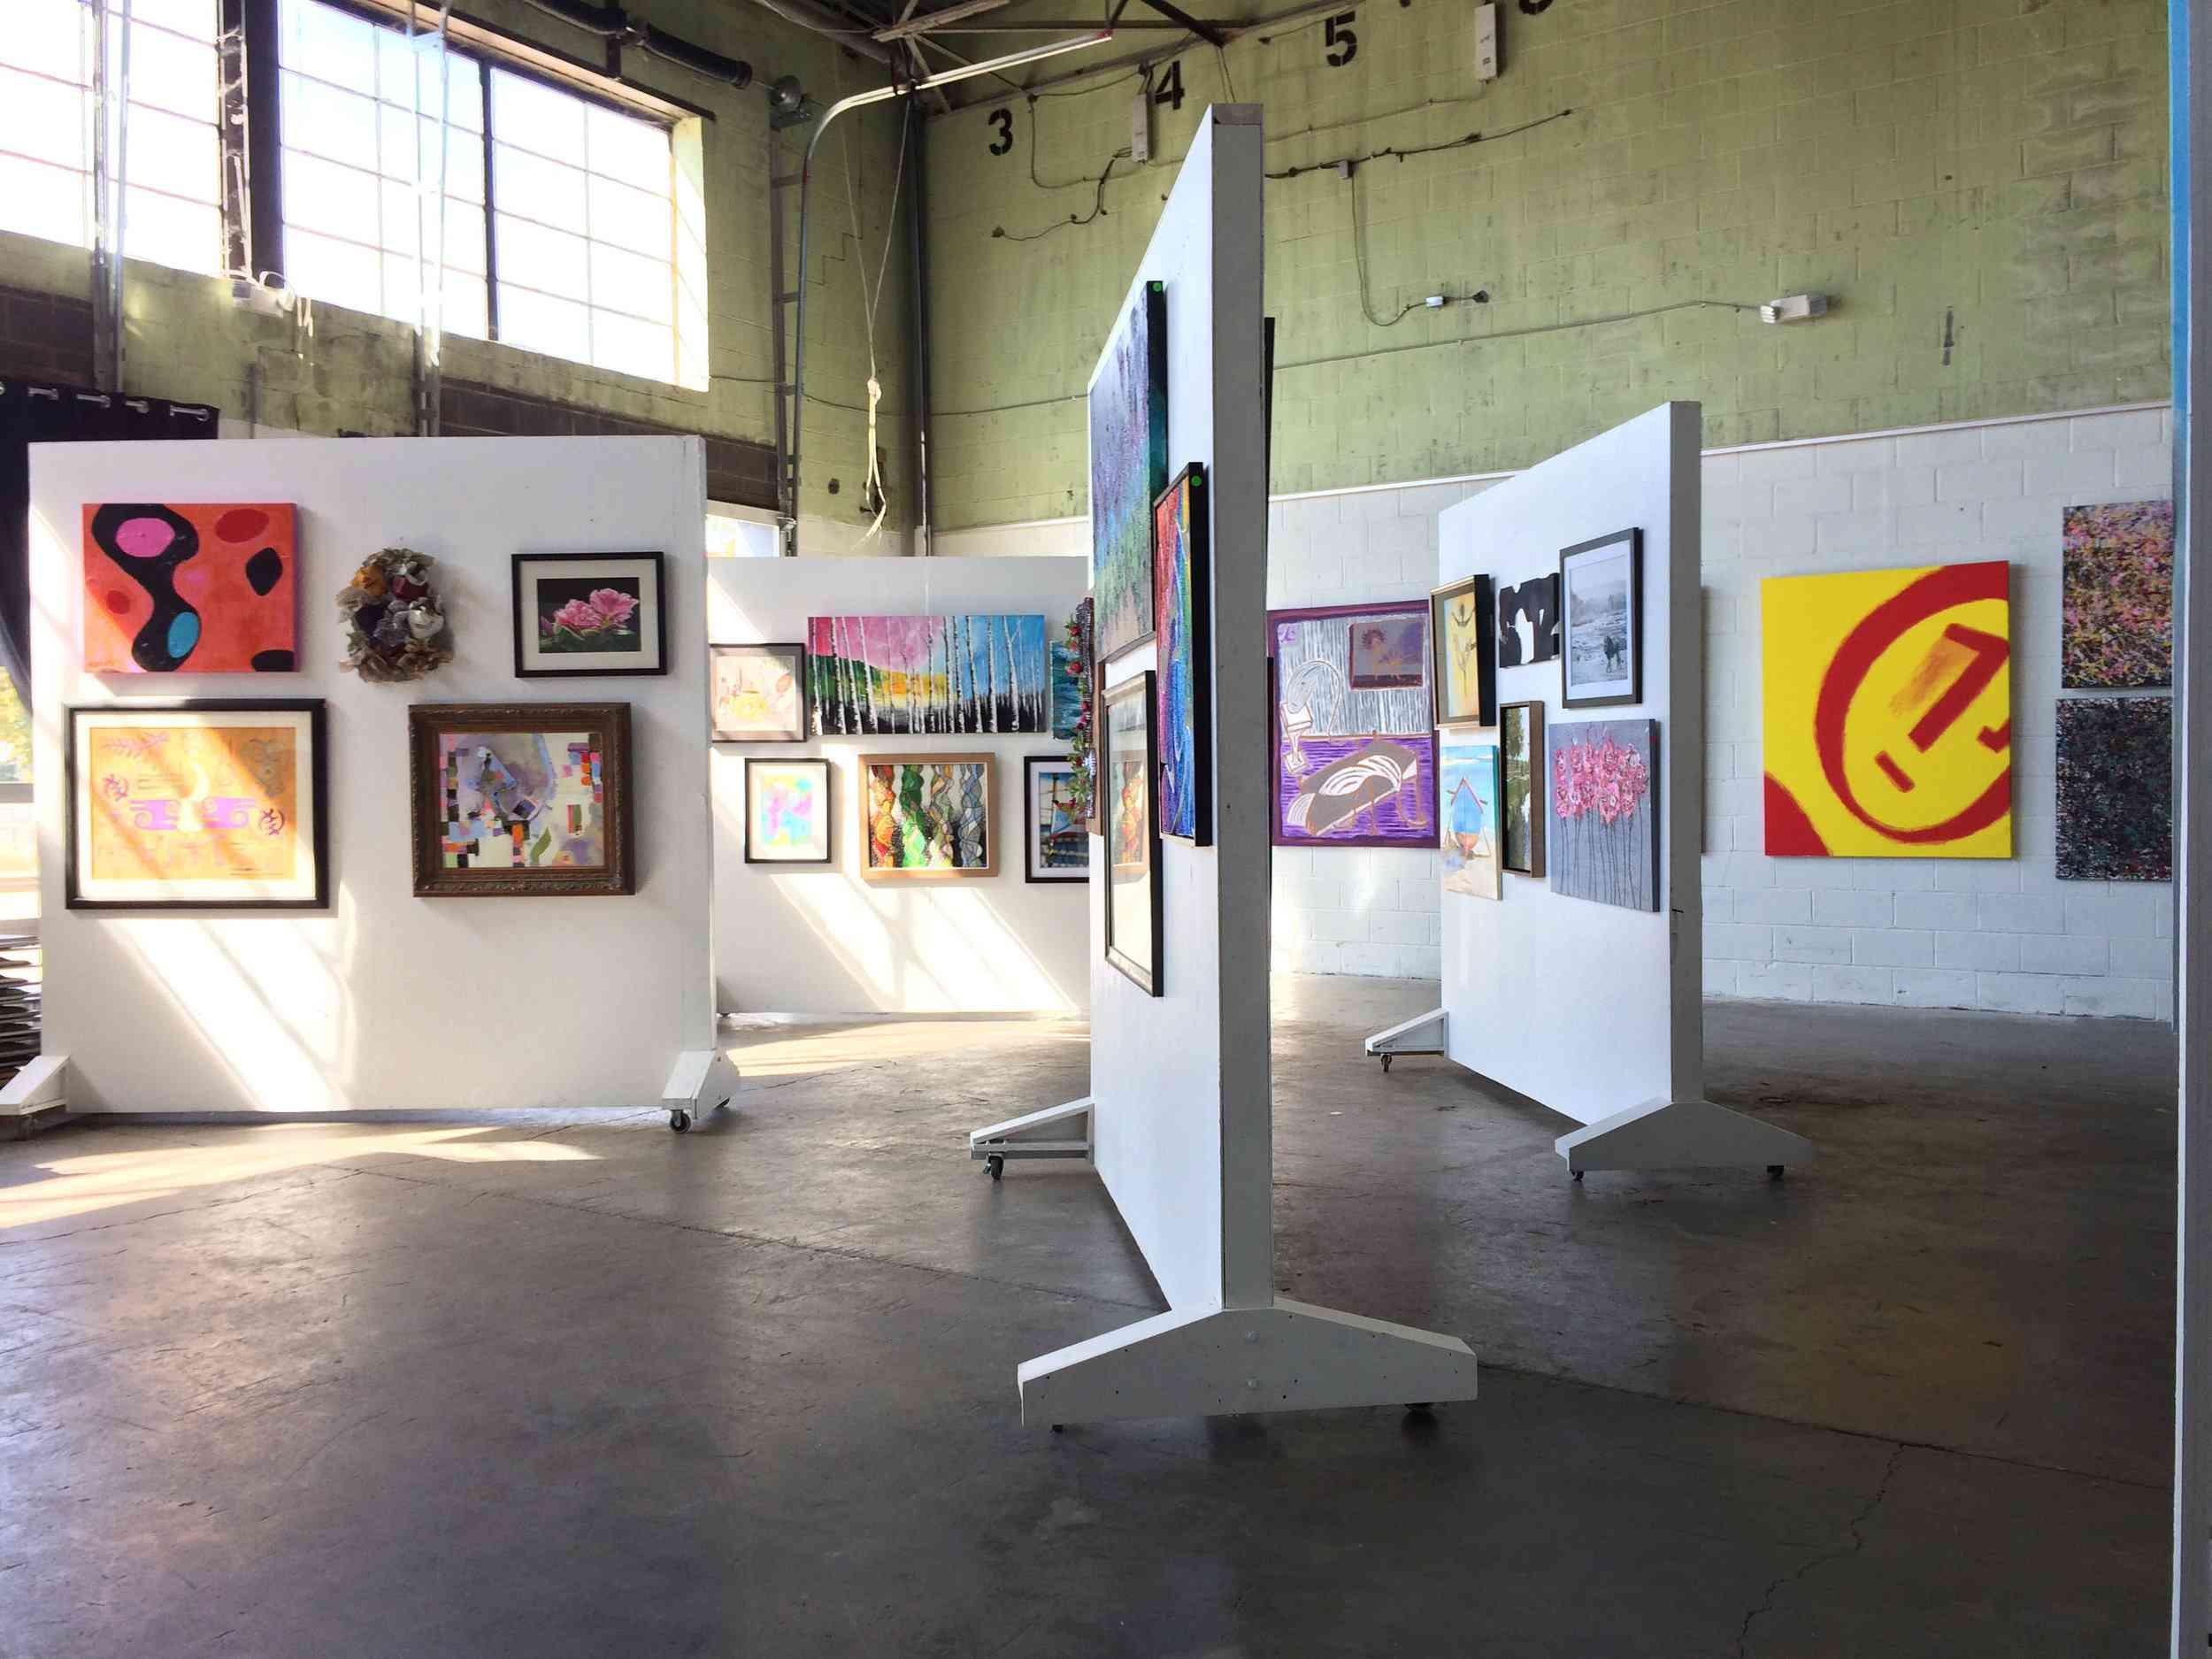 Varias paredes blancas móviles con obras de arte colgadas en ellas